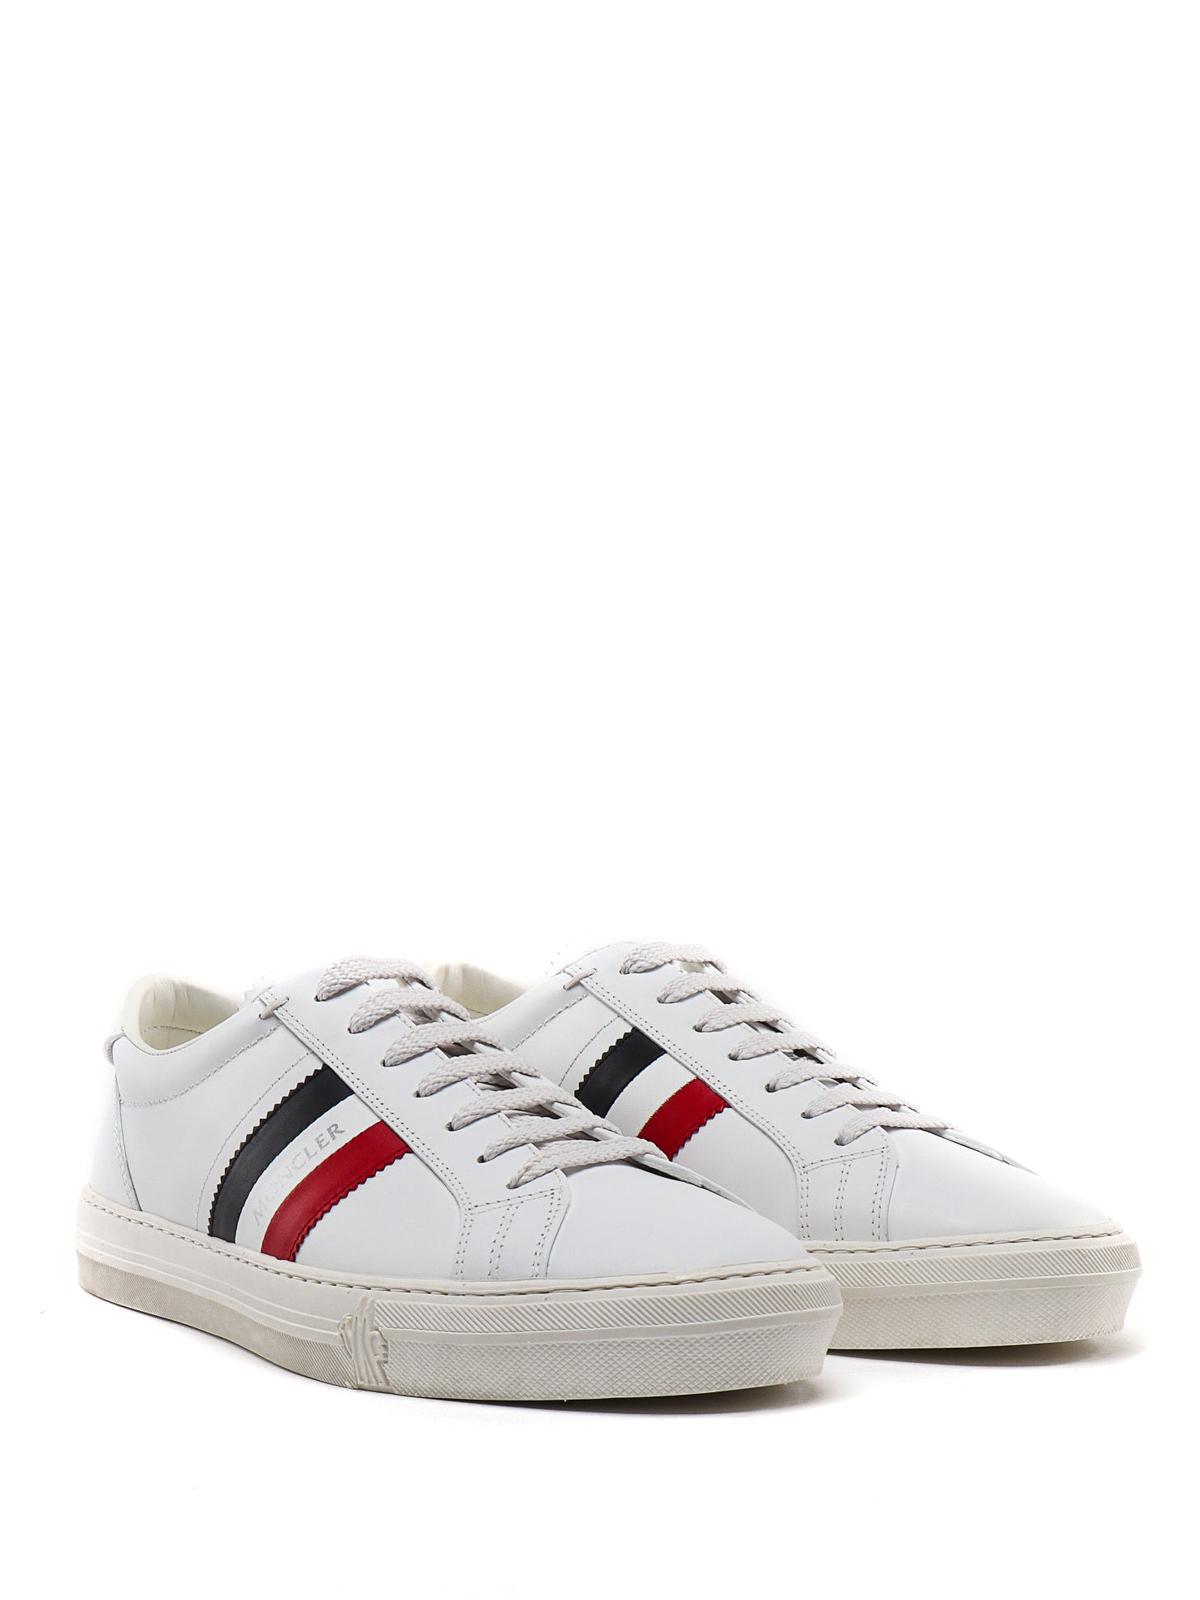 Moncler - New Monaco white leather